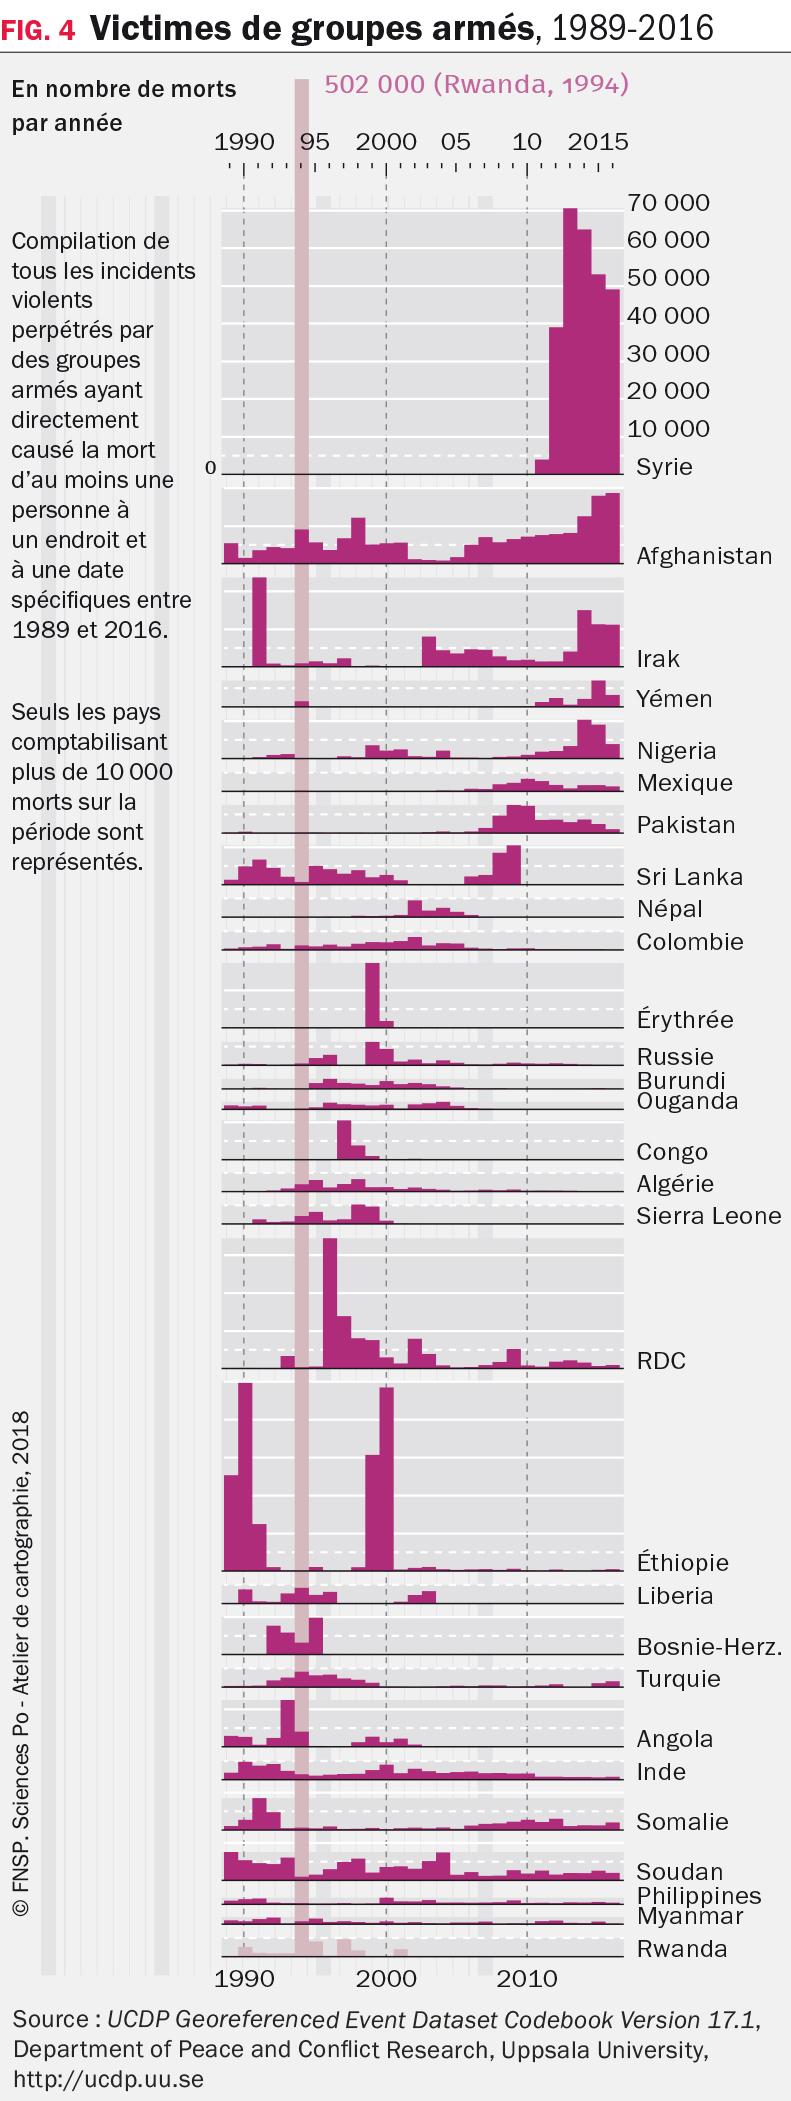 Victimes de groupes armés, 1989-2016